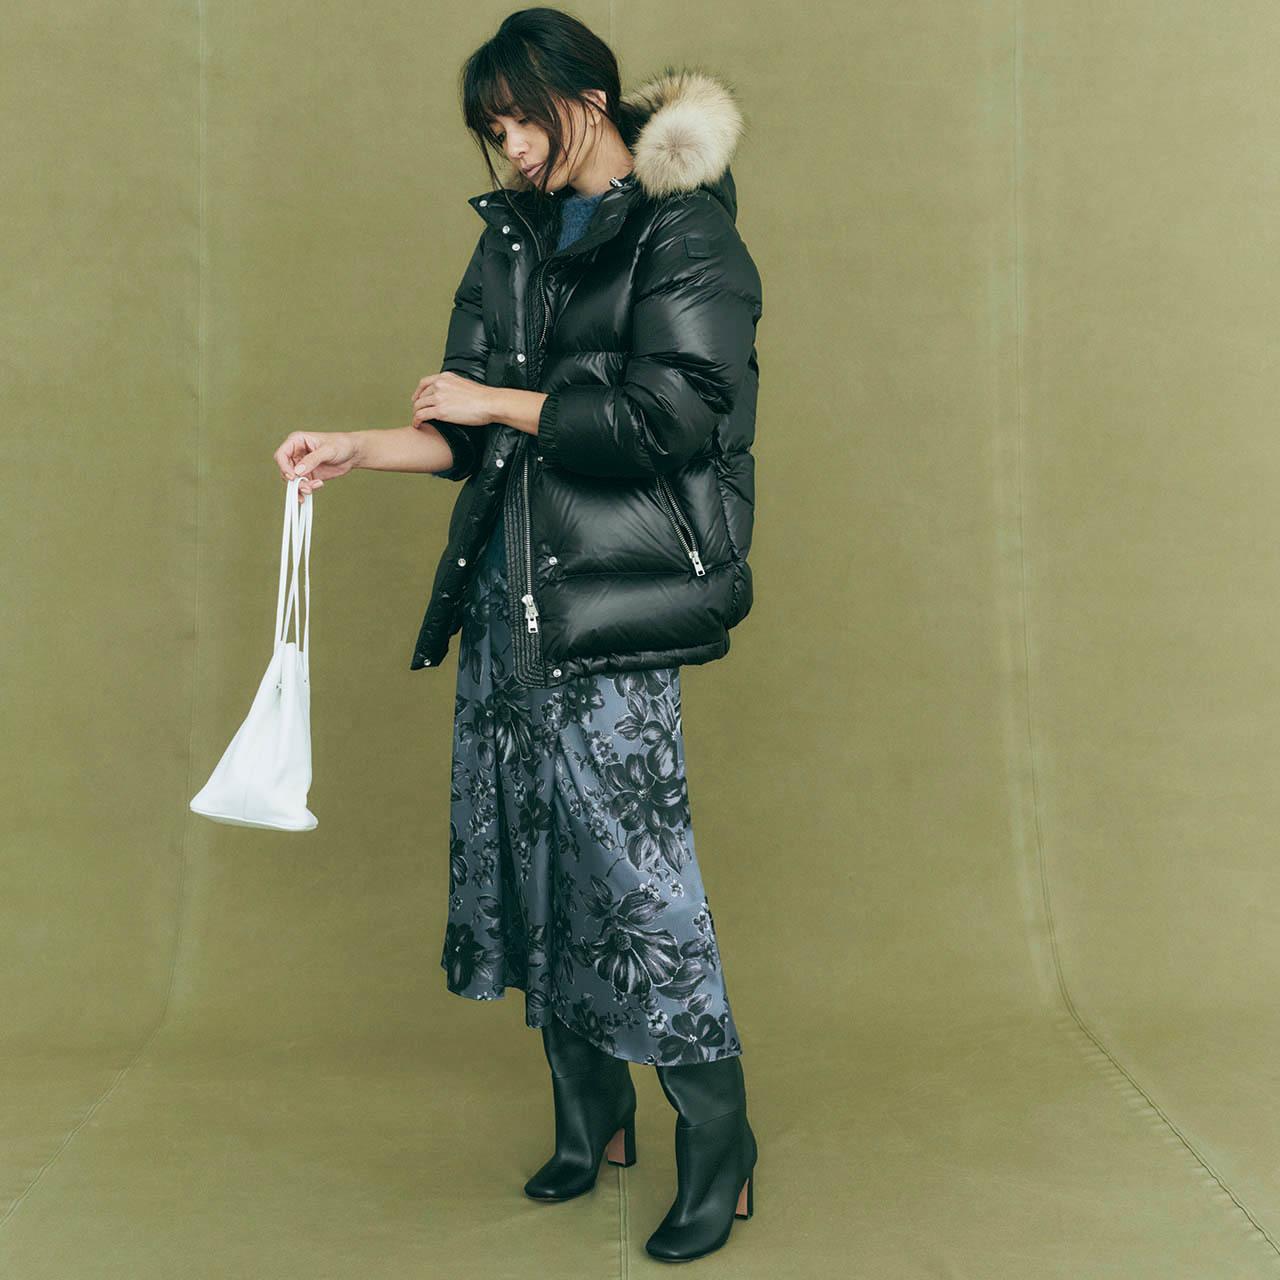 ミディ丈スカートとつなげた重めバランスが最高に今っぽい モデル/RINA